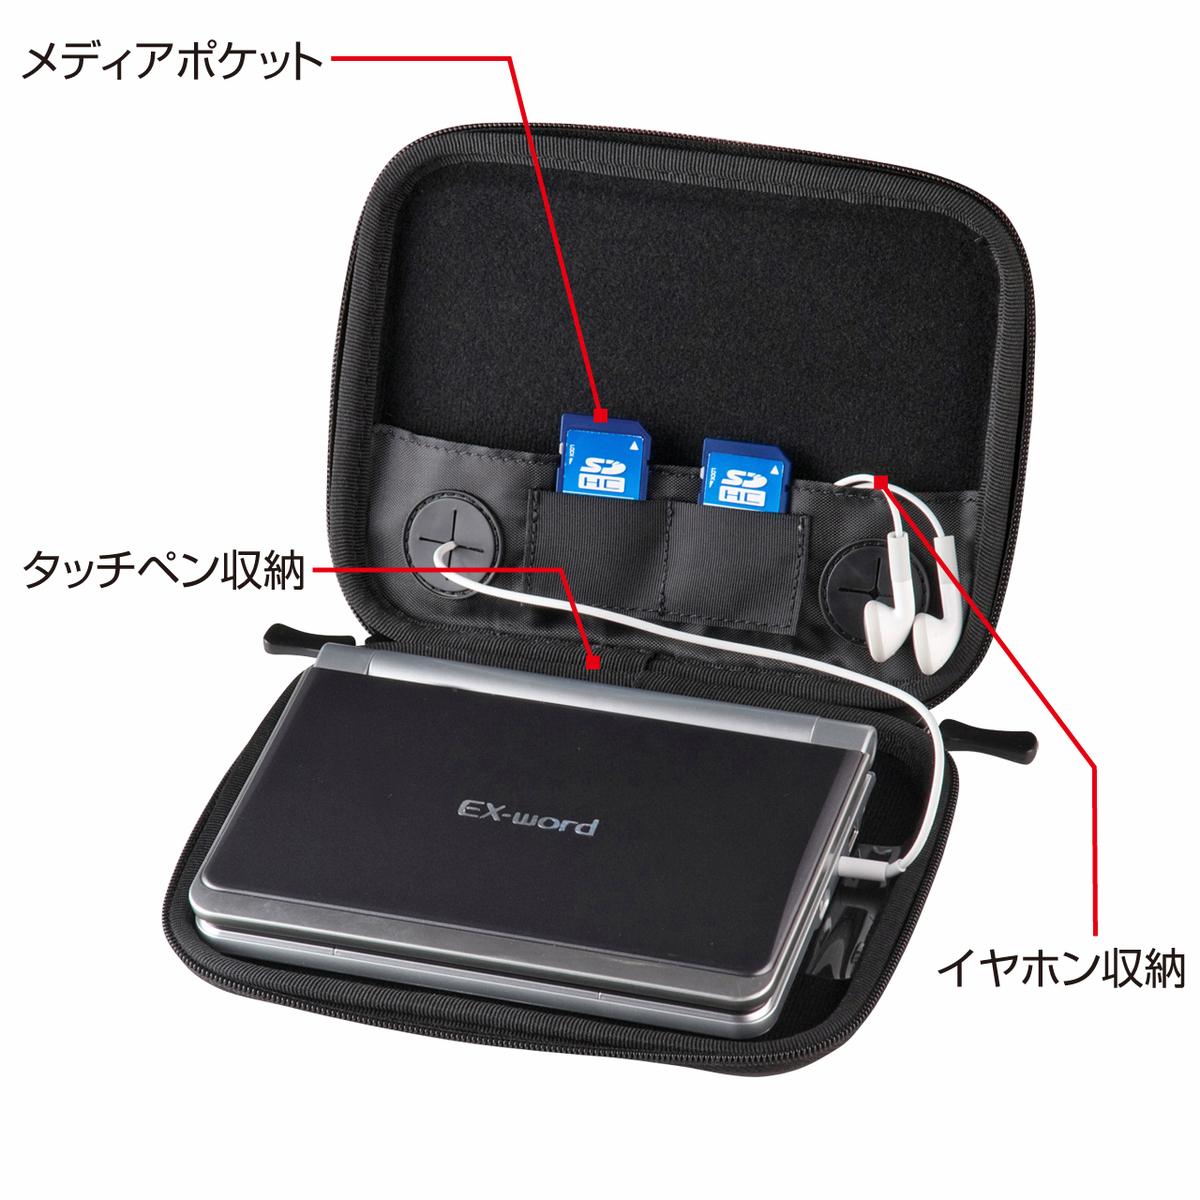 [PDA-EDC31W] セミハード電子辞書ケース(ホワイト)